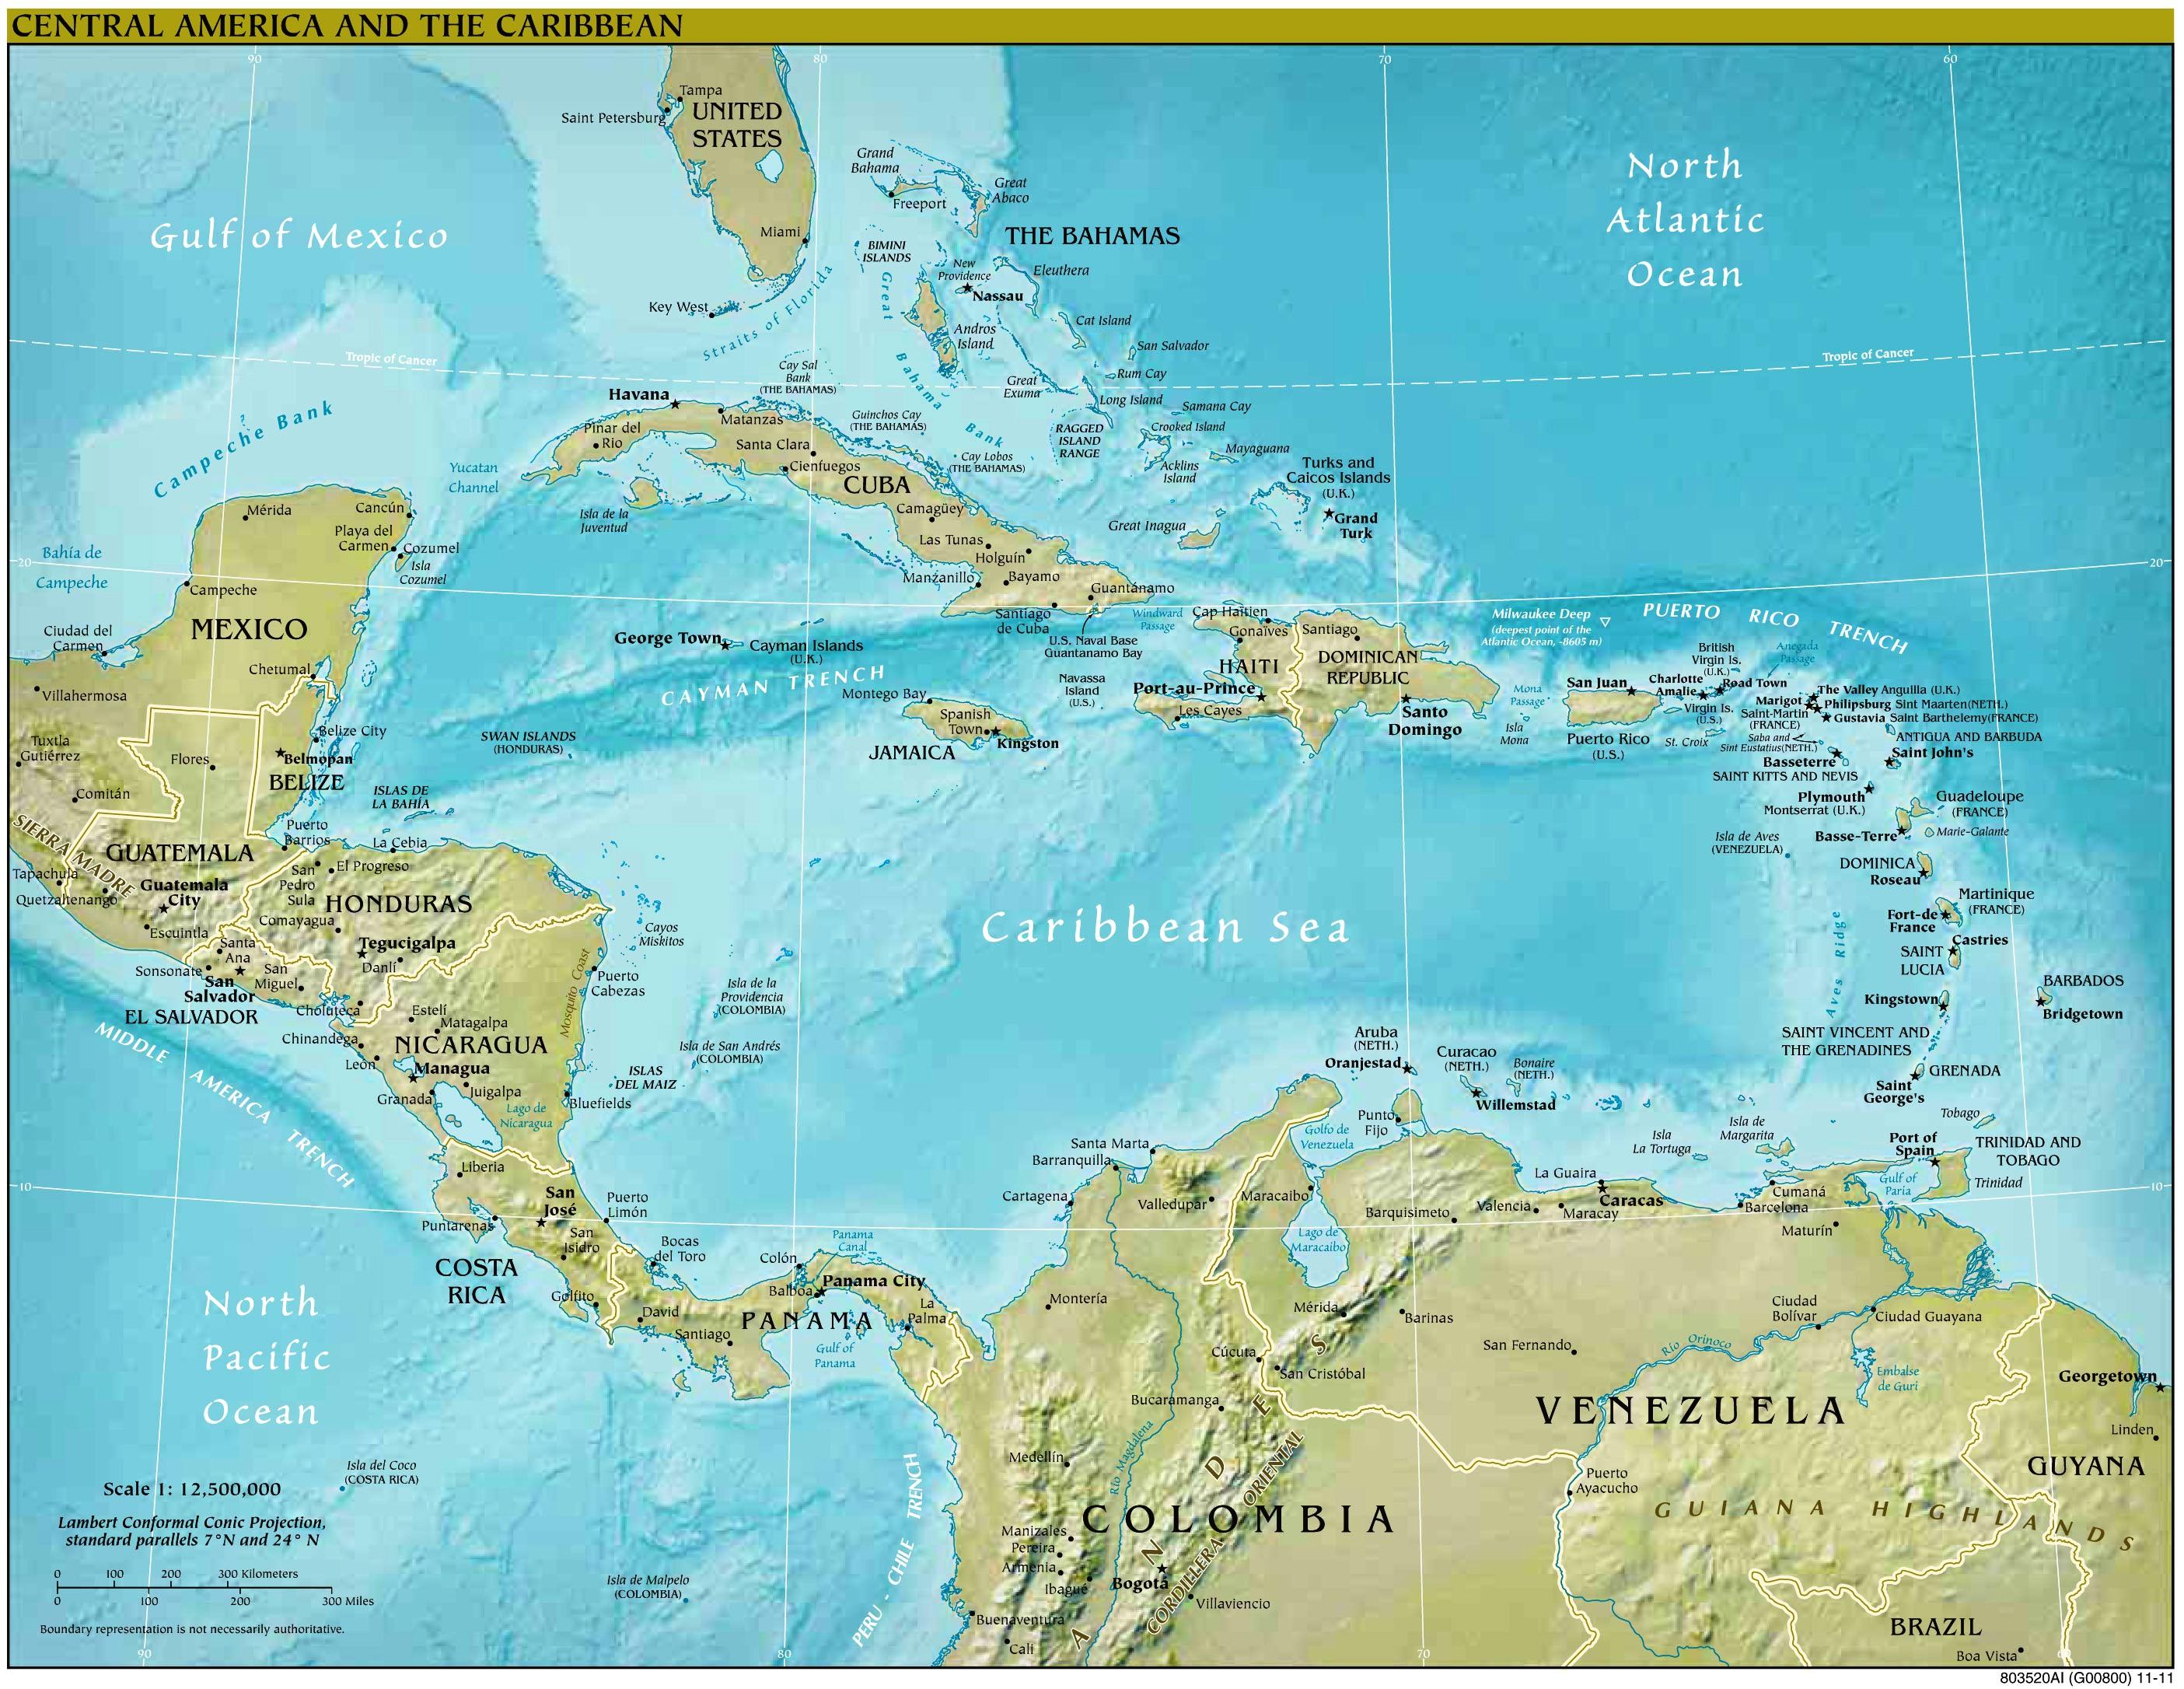 Physische karte von mittelamerika und der karibik 2809 x 2172 pixel